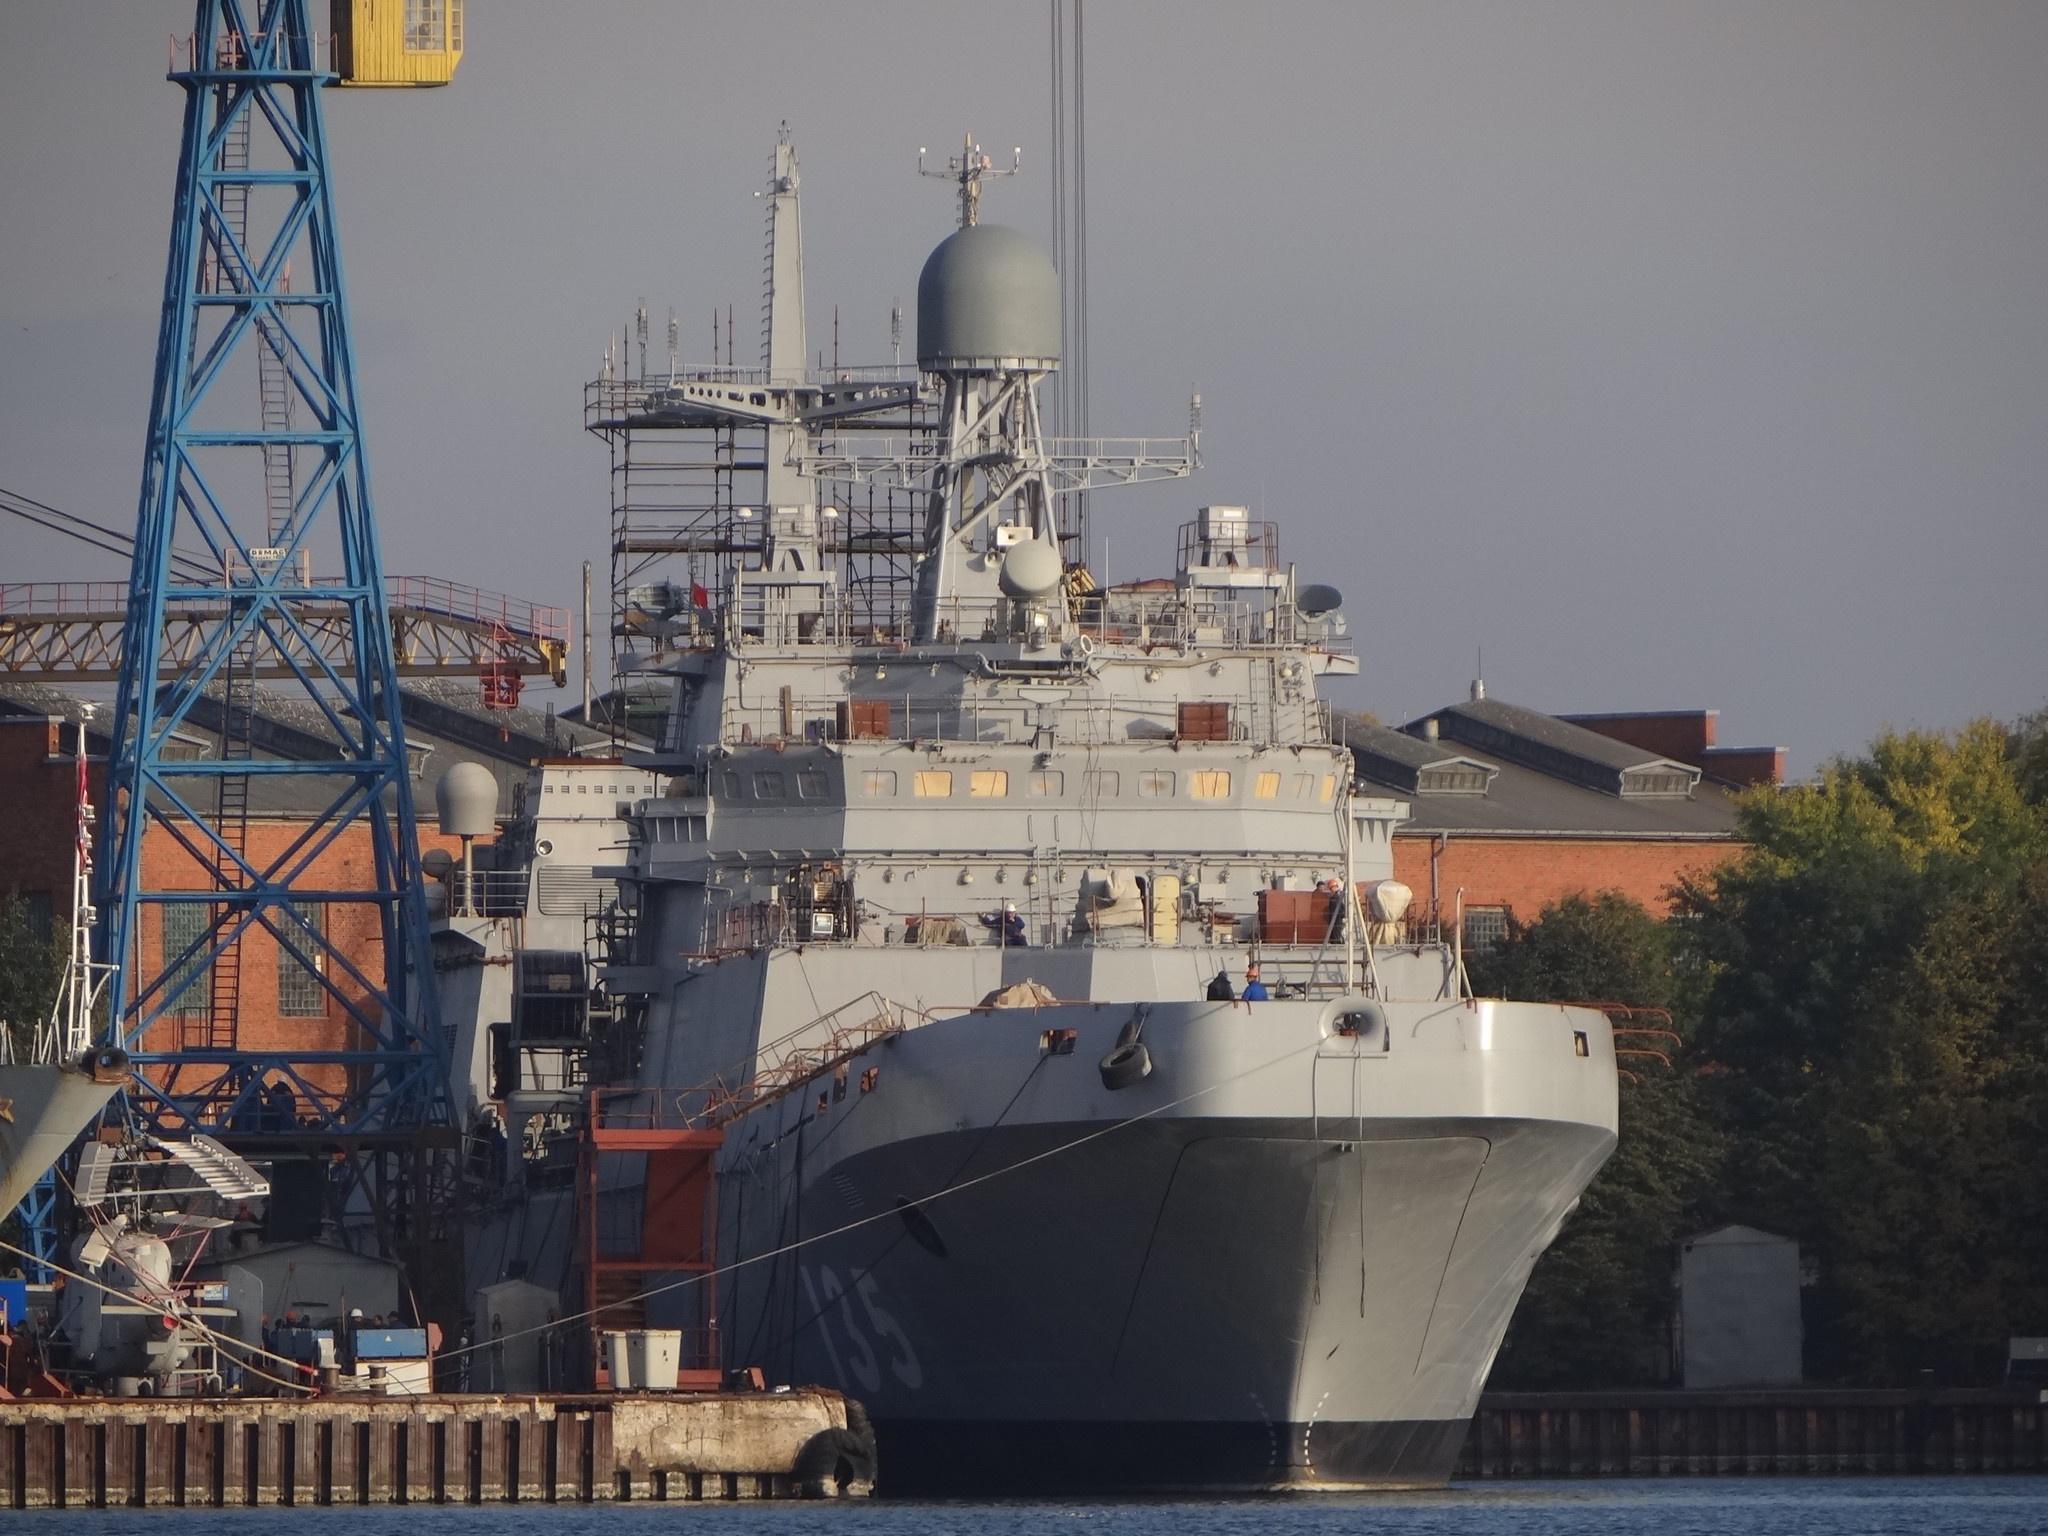 БДК проекта 11711 «Иван Грен» с нанесенным бортовым номером у стенки ПСЗ «Янтарь» в Калининграде, 14 октября 2015 г.